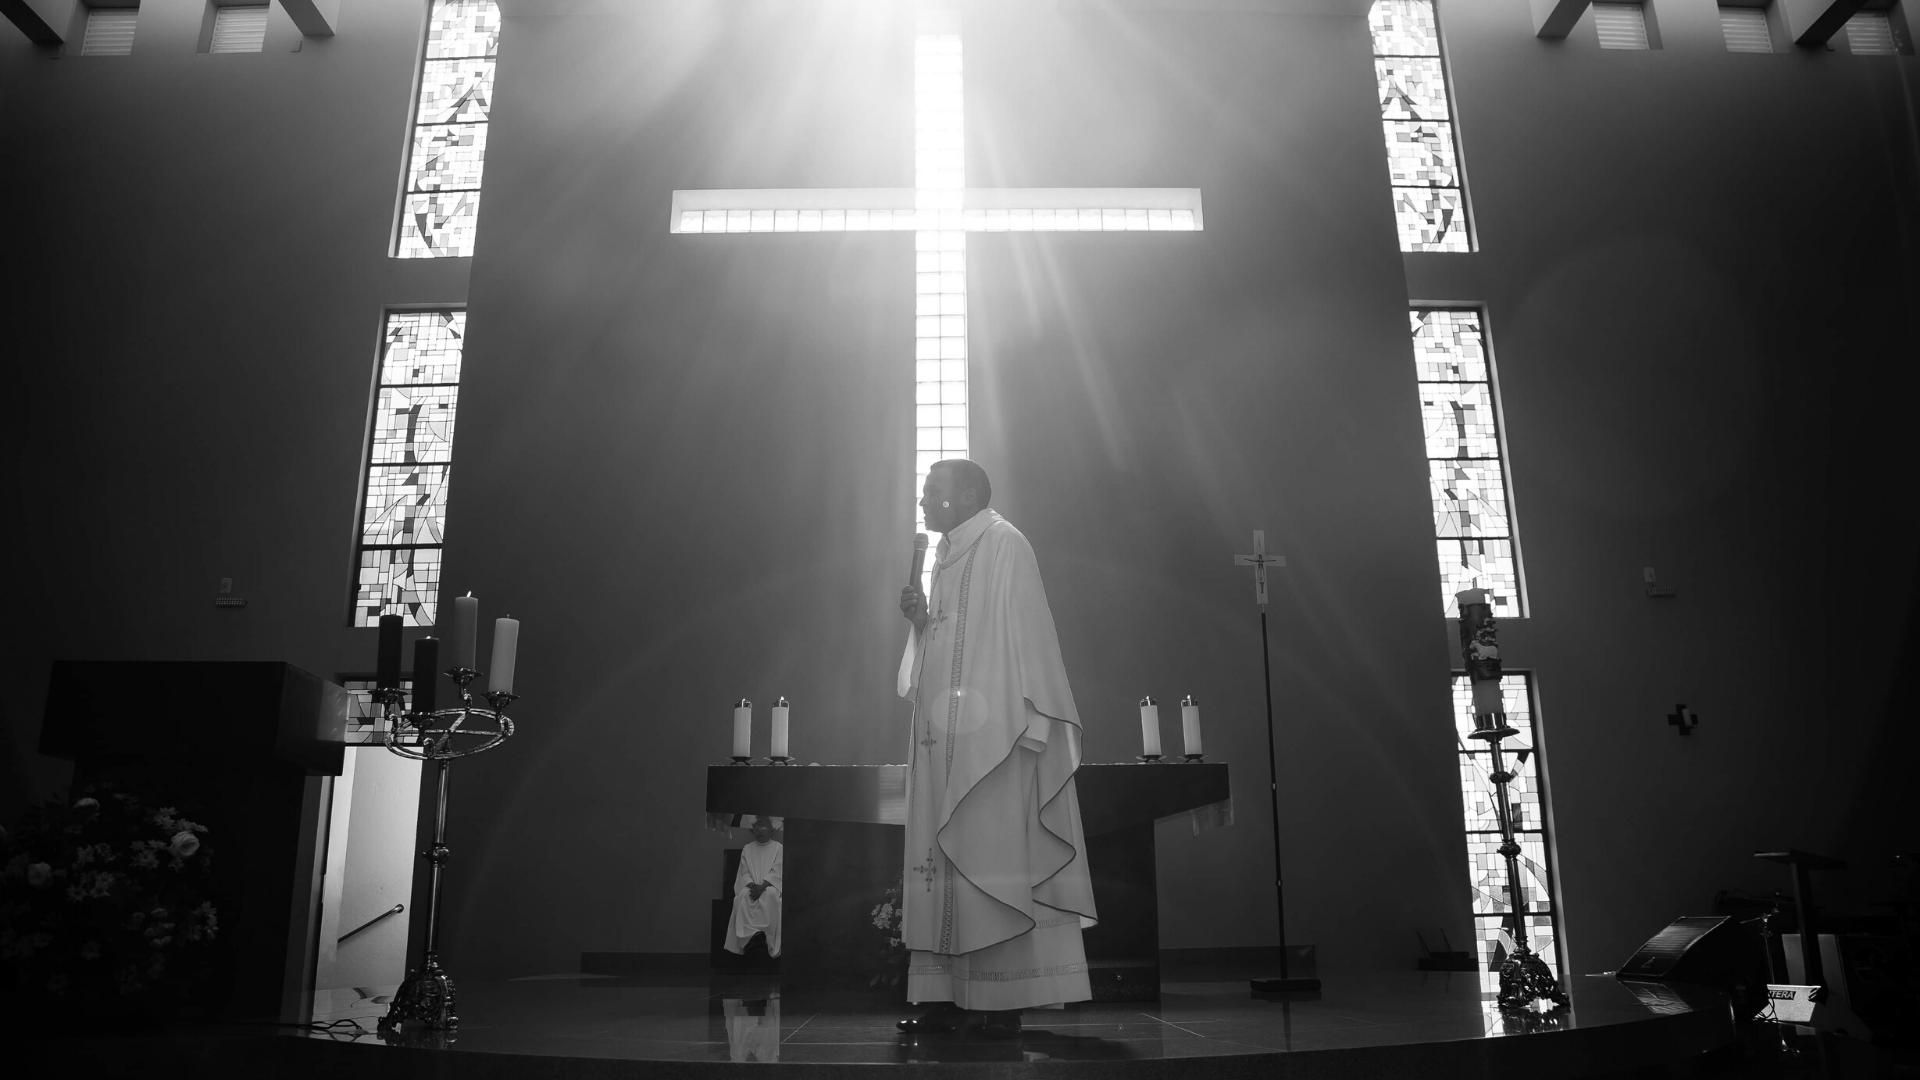 svätá omša v čase korony